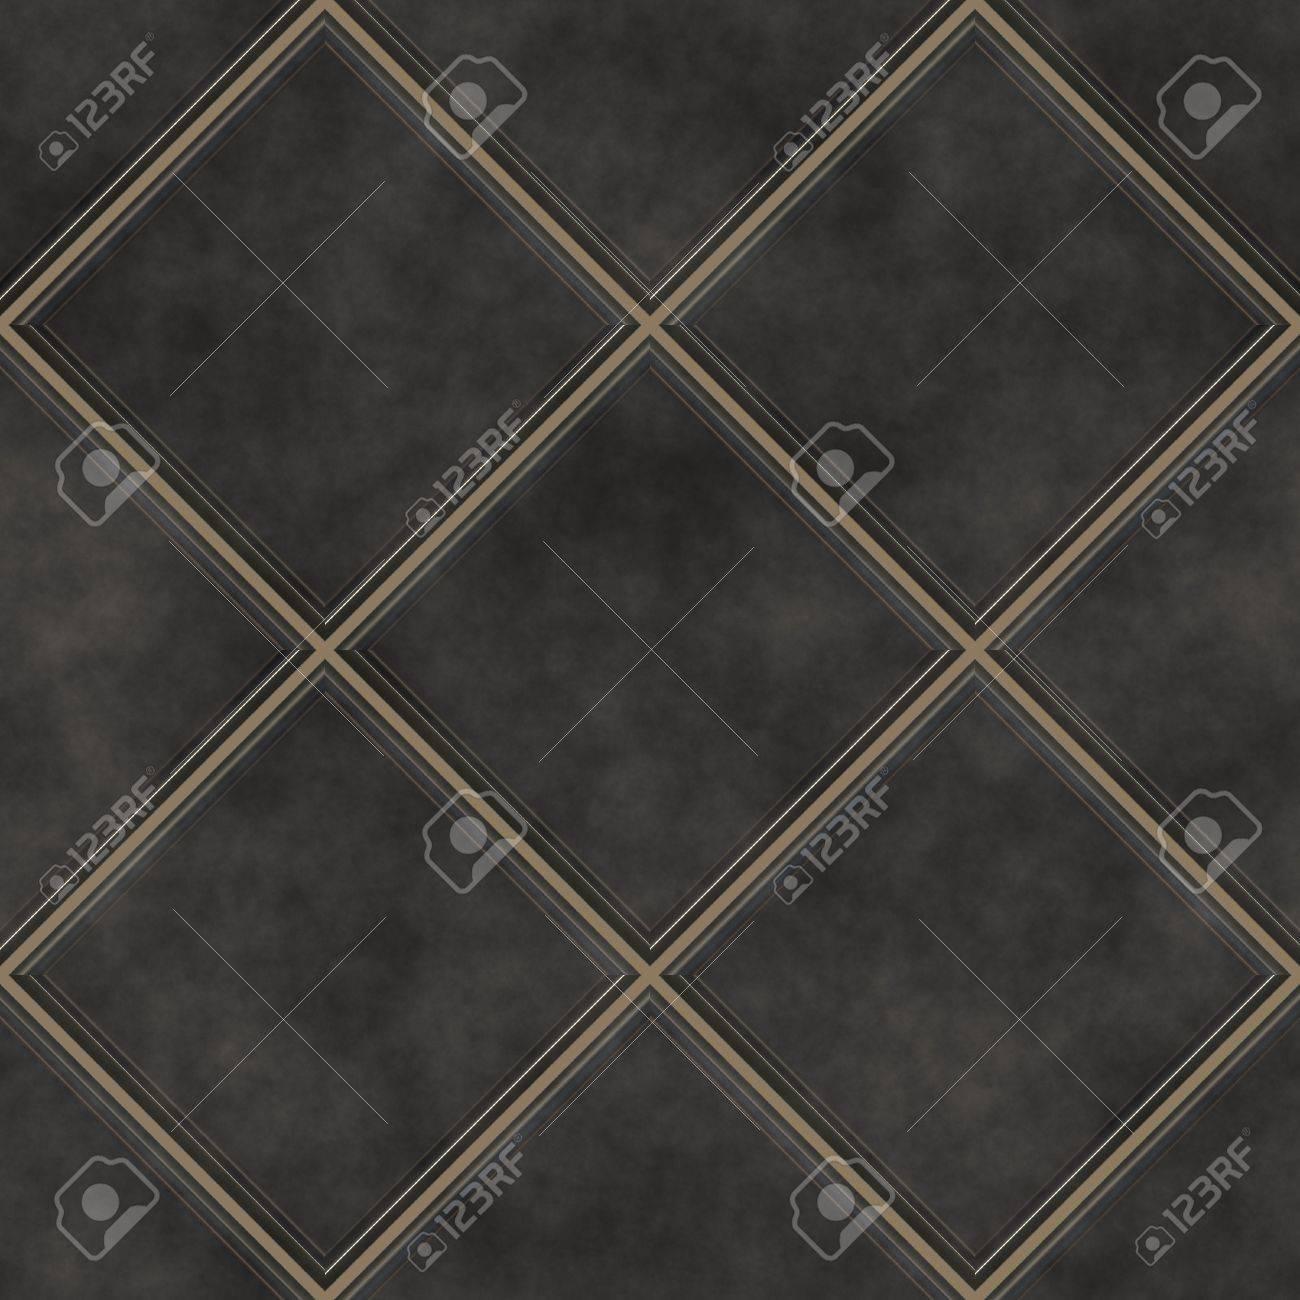 Nahtlose Schwarzen Fliesen Textur Hintergrund, Küche Oder Bad Konzept  Standard Bild